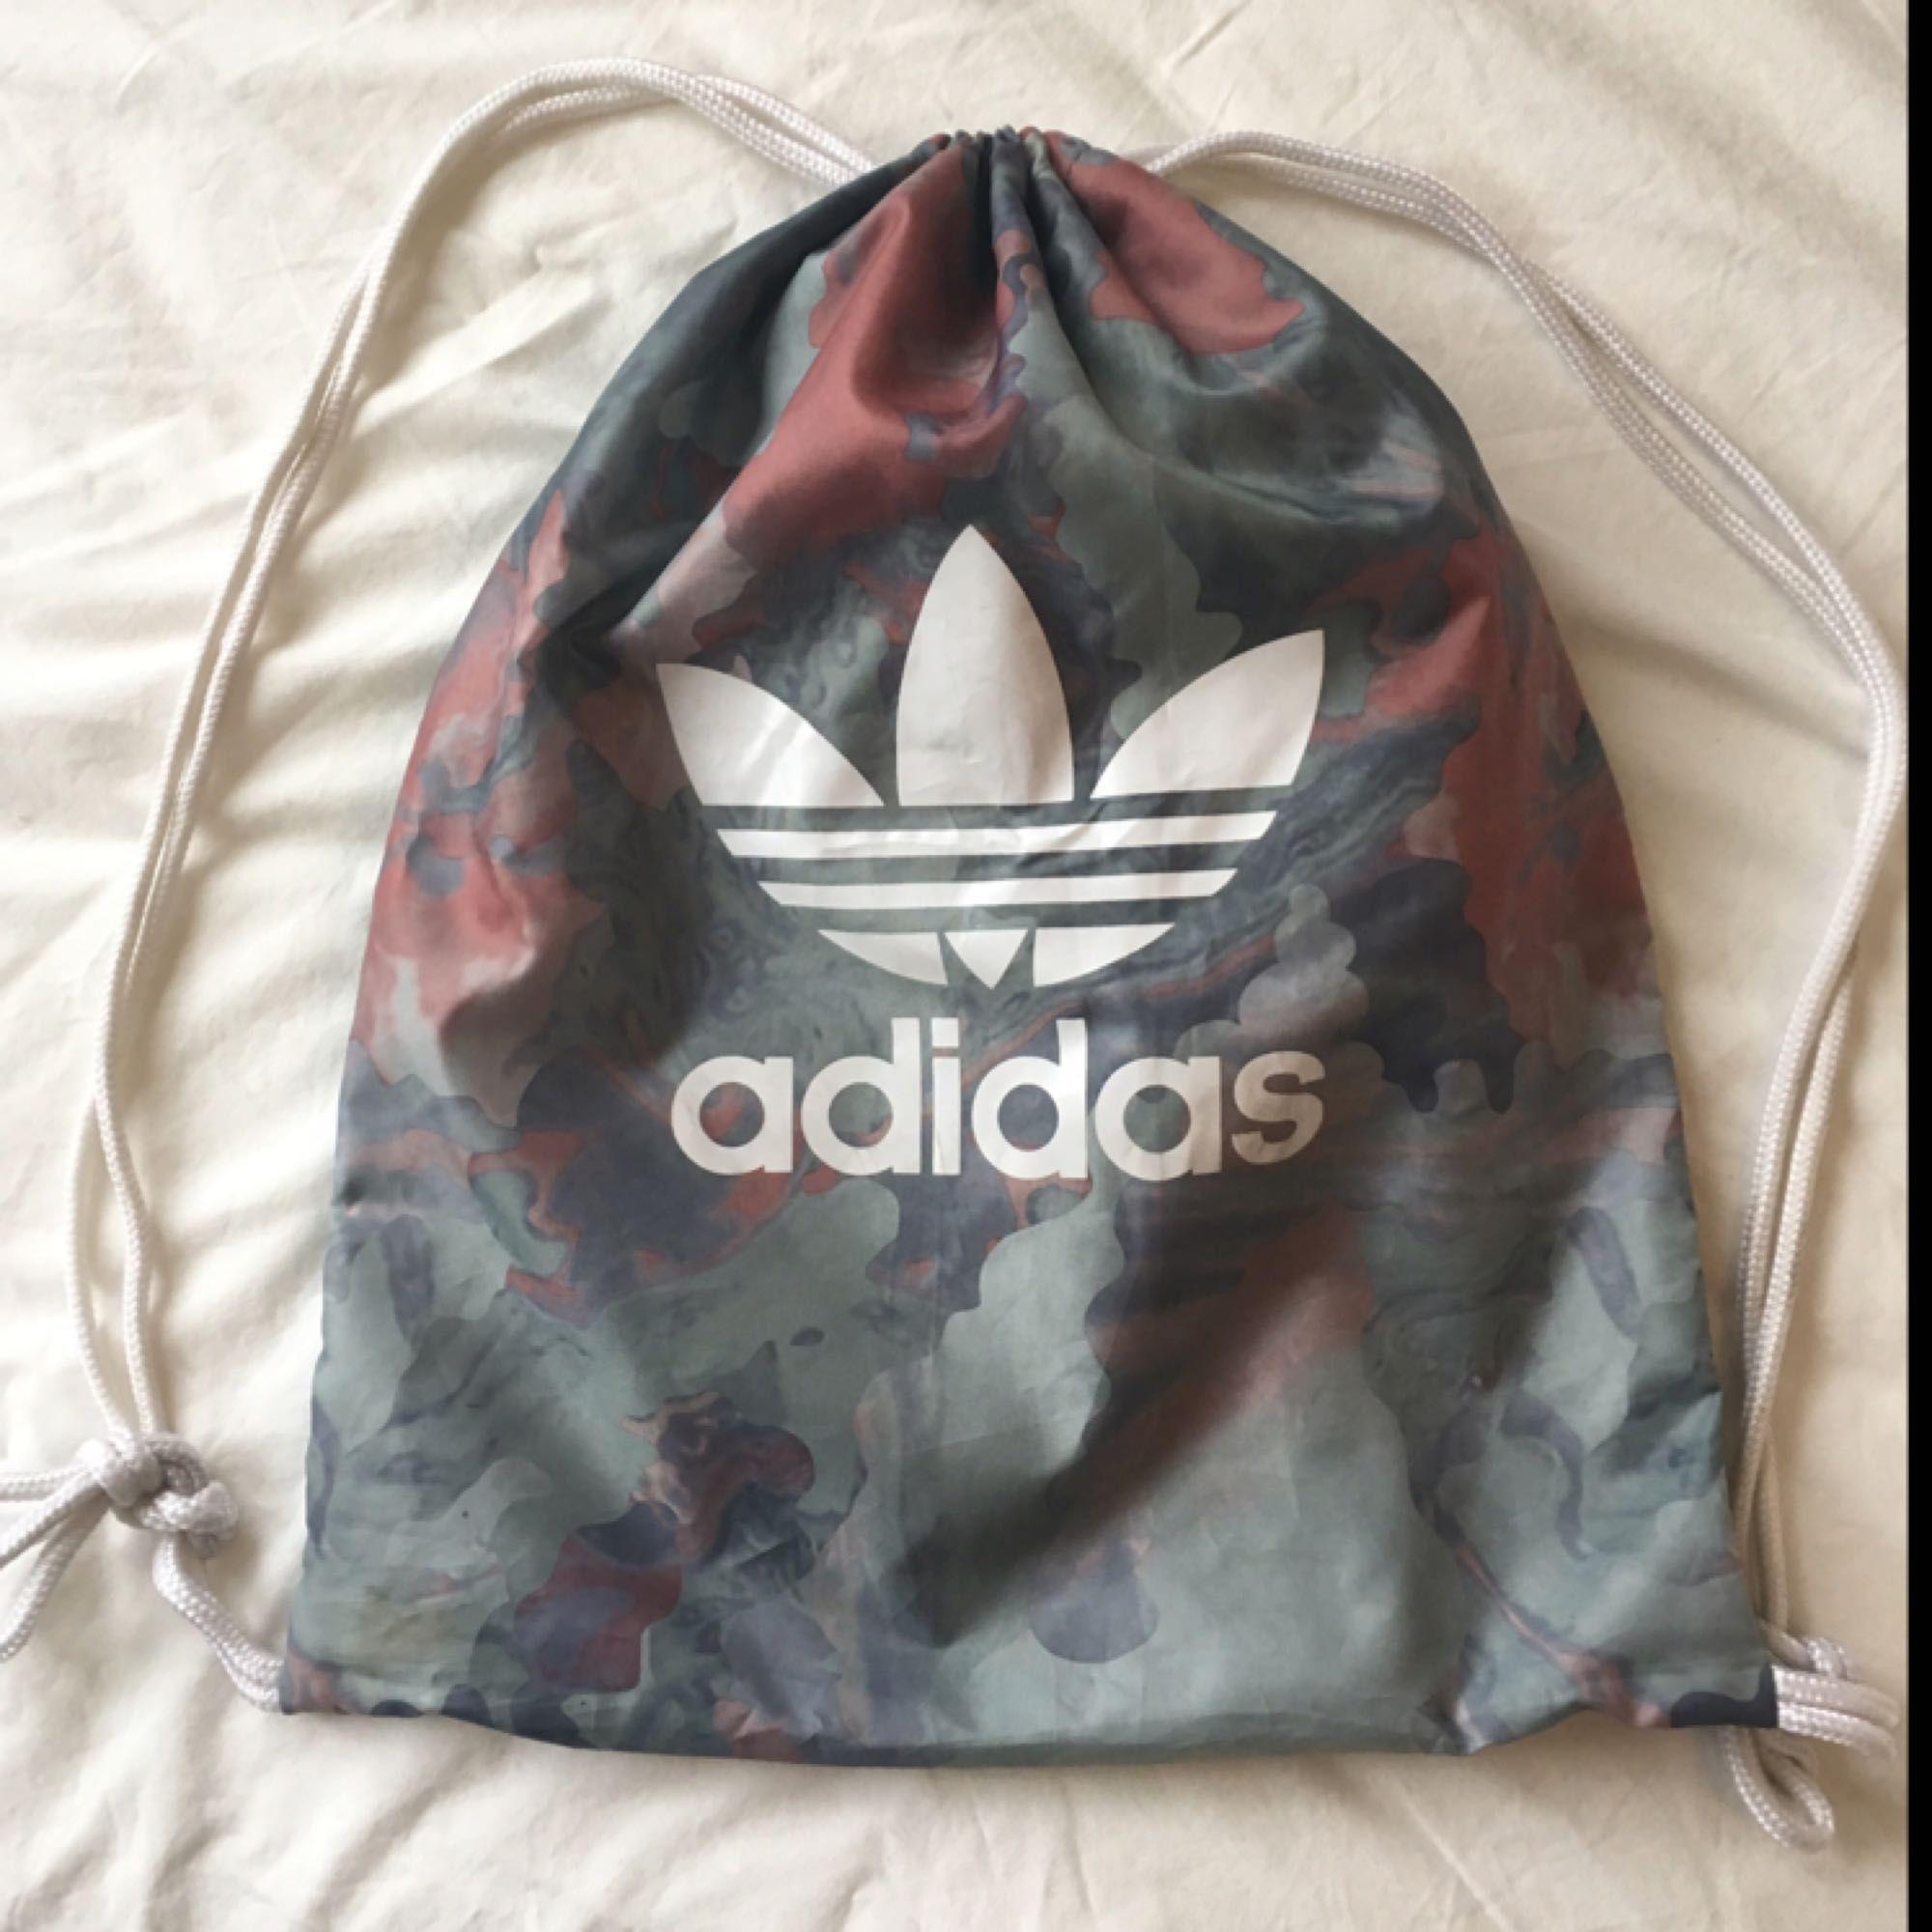 0416ba214e84 Adidas taske   rygsæk i god stand. Mød i Stockholm ellers 40 kr 🙂.